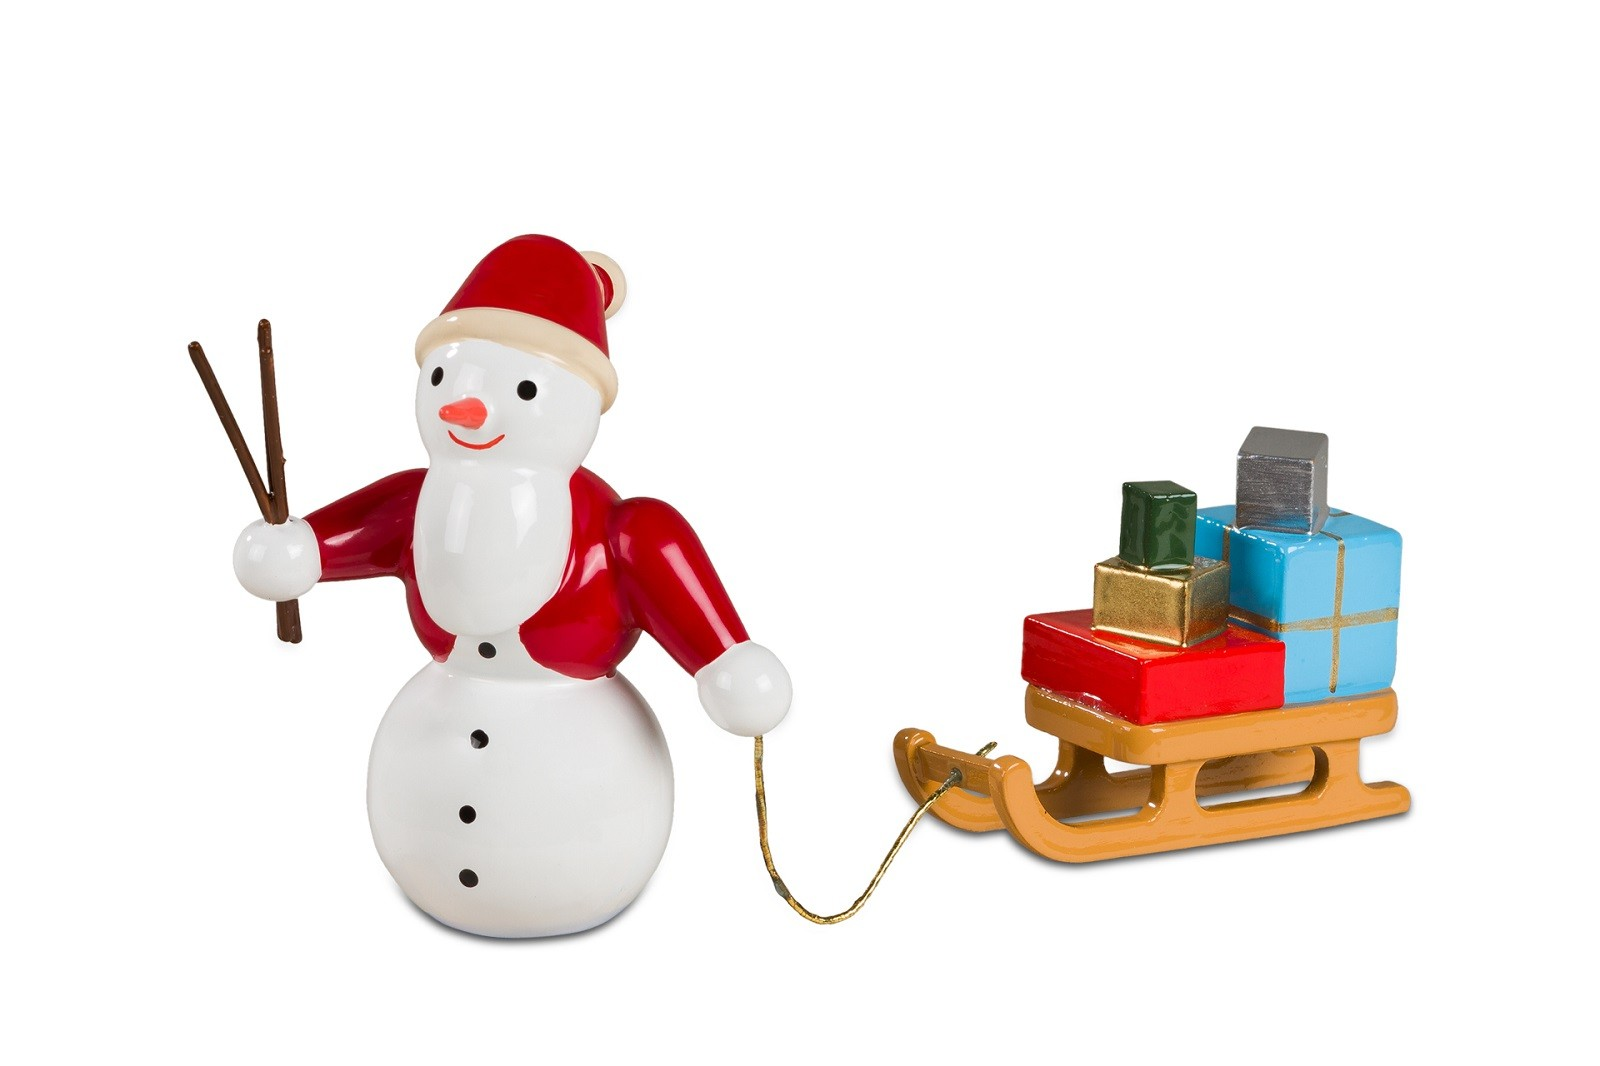 Schneemann - Weihnachtsmann mit Schlitten